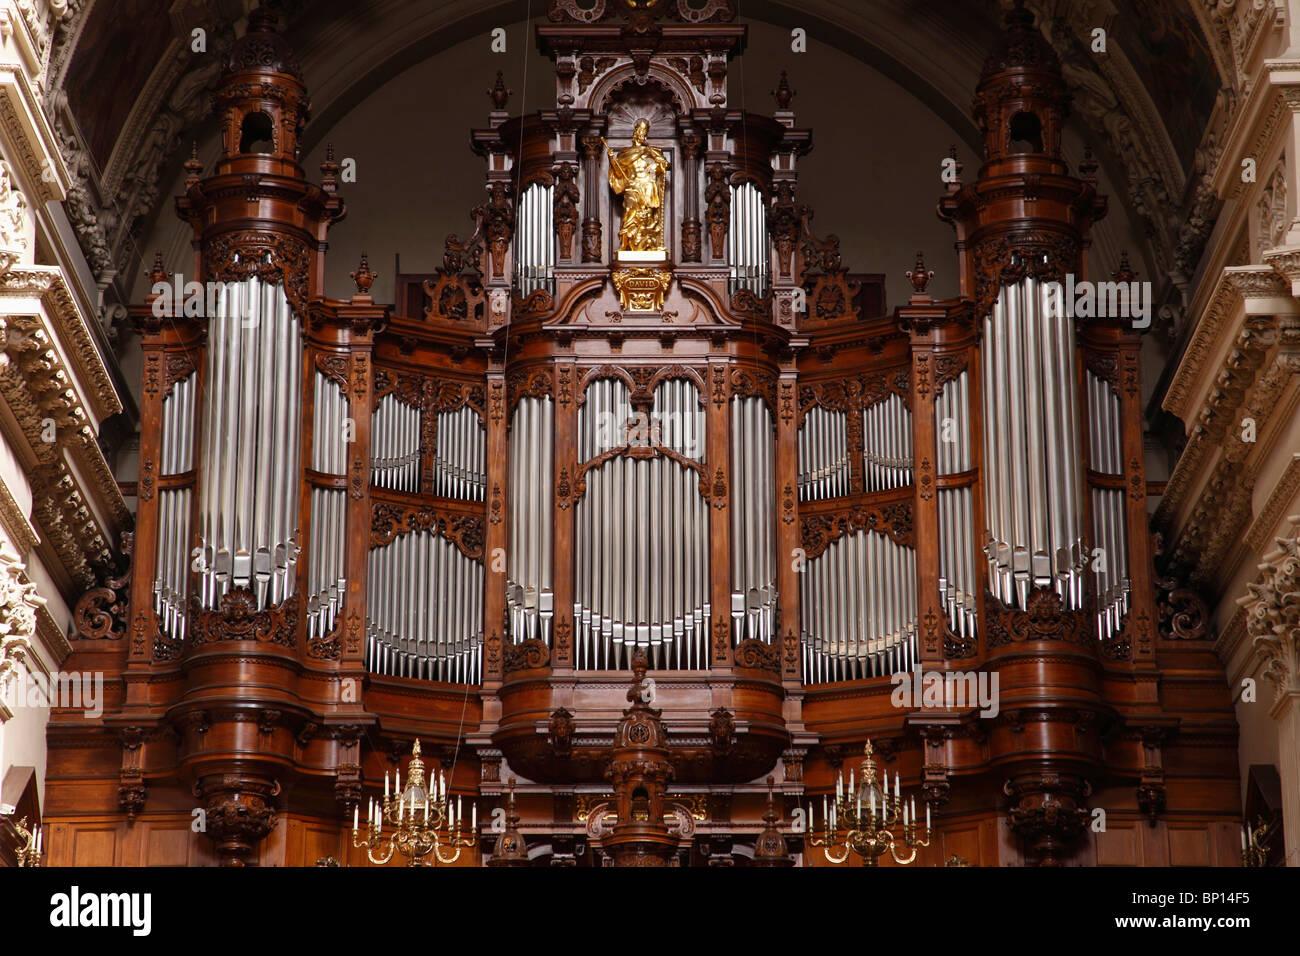 Deutschland, Berlin, Dom, Kathedrale, innen, Orgel Stockbild